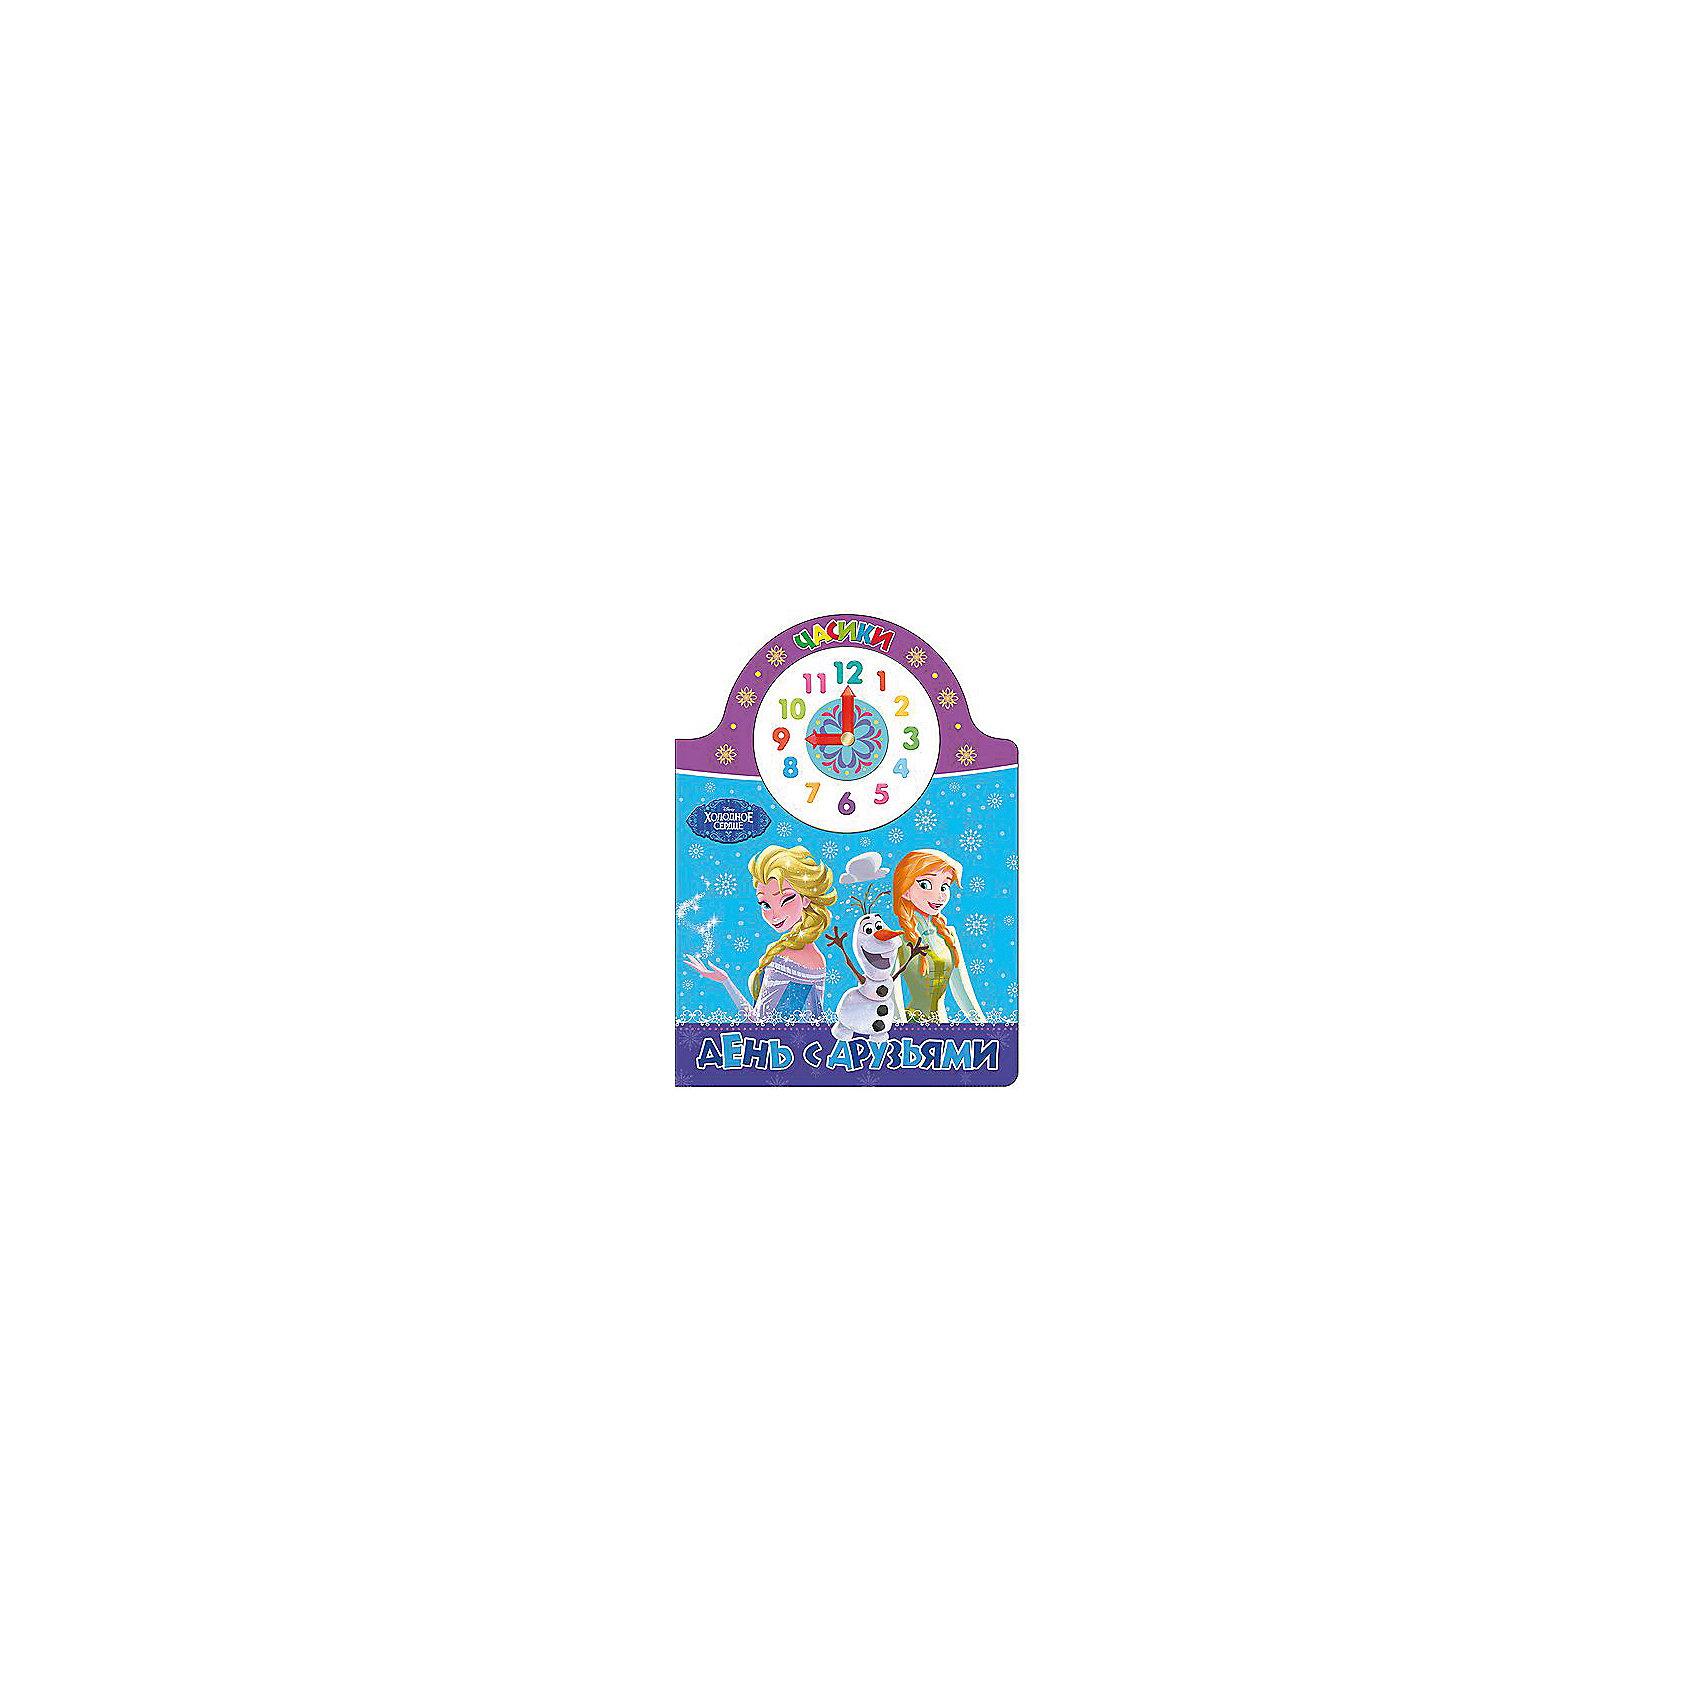 Часики. День с друзьями, DisneyКниги для развития мышления<br>День с друзьями - познавательная книга из серии Часики для малышей. С помощью нее ребенок научится узнавать точное время по часам, узнает для чего нужны большая и маленькая стрелка. Специально для любознательных крох в книге есть яркий циферблат с двигающимися стрелочками. Такая интересная книжка обязательно понравится малышу и родителям!<br>Дополнительная информация:<br>Издательство: Проф-Пресс<br>Год выпуска: 2016<br>Серия: DISNEY.Часики<br>Обложка: картон<br>Иллюстрации: цветные<br>Количество страниц: 10<br>ISBN:978-5-378-25744-7<br>Размер: 21,5х0,6х15,7 см<br>Вес: 104 грамма<br>Книгу День с друзьями вы можете купить в нашем интернет-магазине.<br><br>Ширина мм: 157<br>Глубина мм: 6<br>Высота мм: 215<br>Вес г: 104<br>Возраст от месяцев: 0<br>Возраст до месяцев: 36<br>Пол: Унисекс<br>Возраст: Детский<br>SKU: 4905886